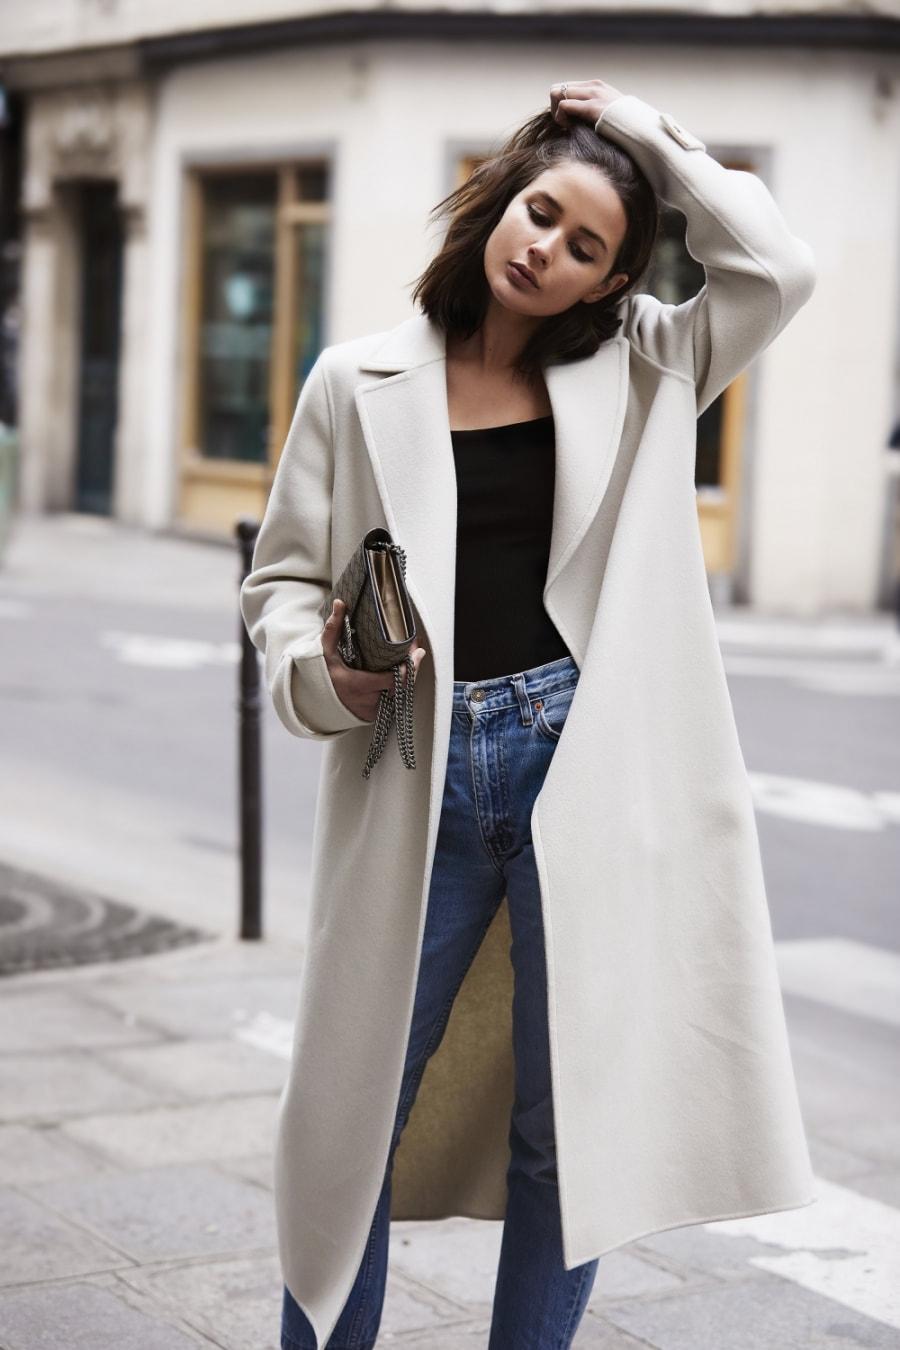 Áo phông + trench coat mỏng